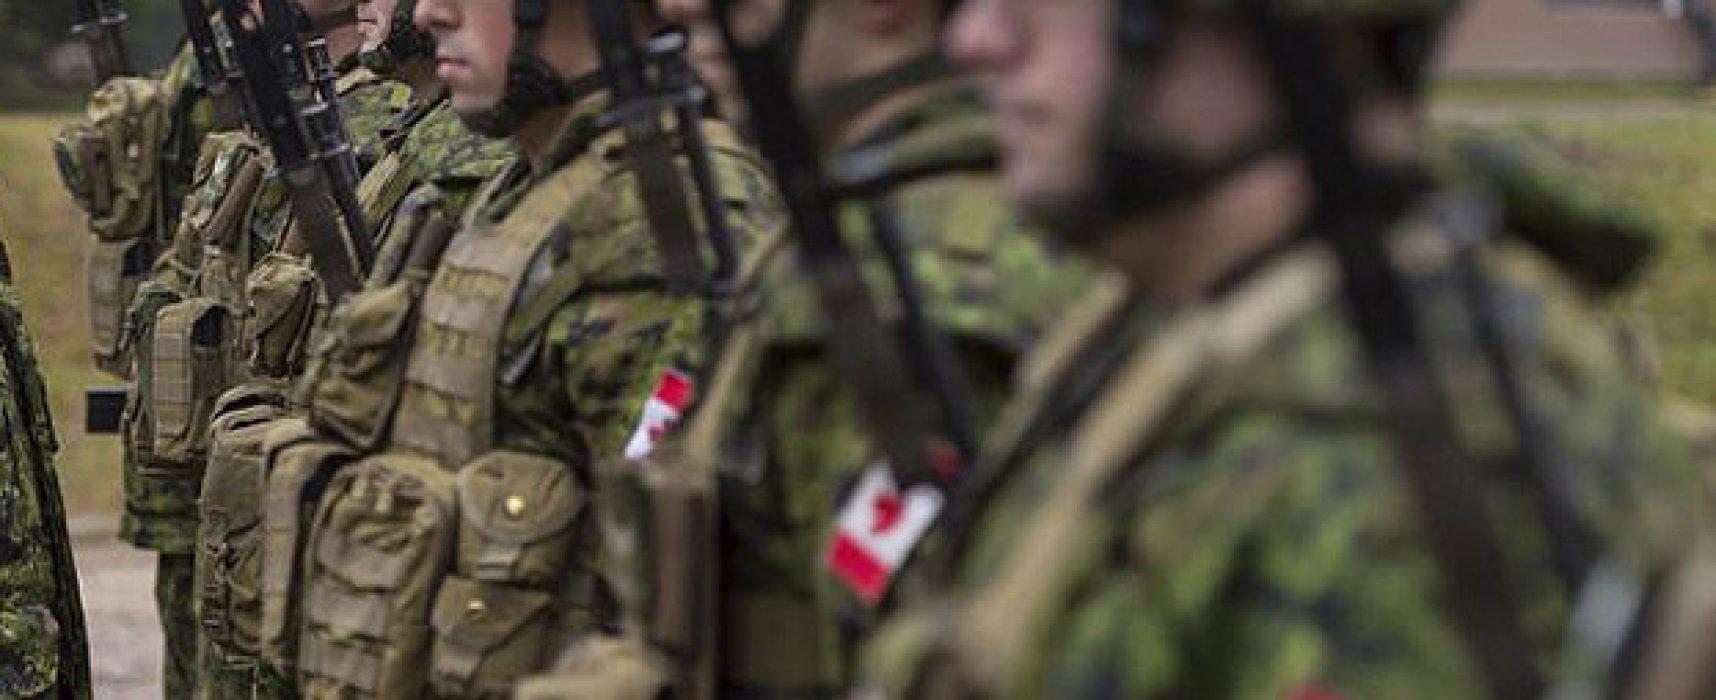 Россия распространяет COVID-фейки о канадских военных в Латвии